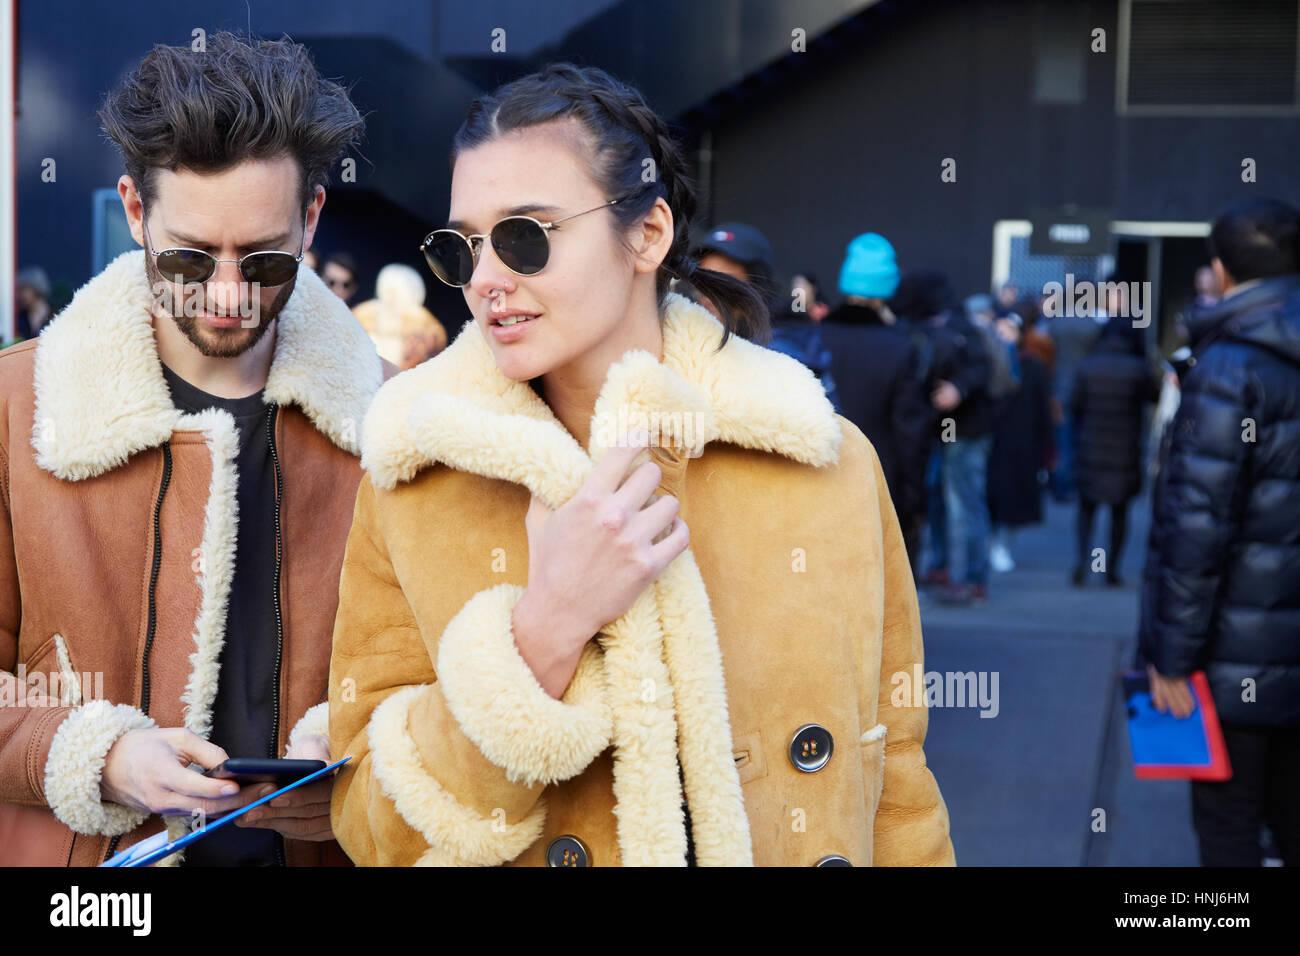 47644a6ccec057 MILAN - janvier 16   l homme et de la femme avec des lunettes et manteau en  peau marron avant MSGM fashion show, Milan Fashion Week street style le 16  ...